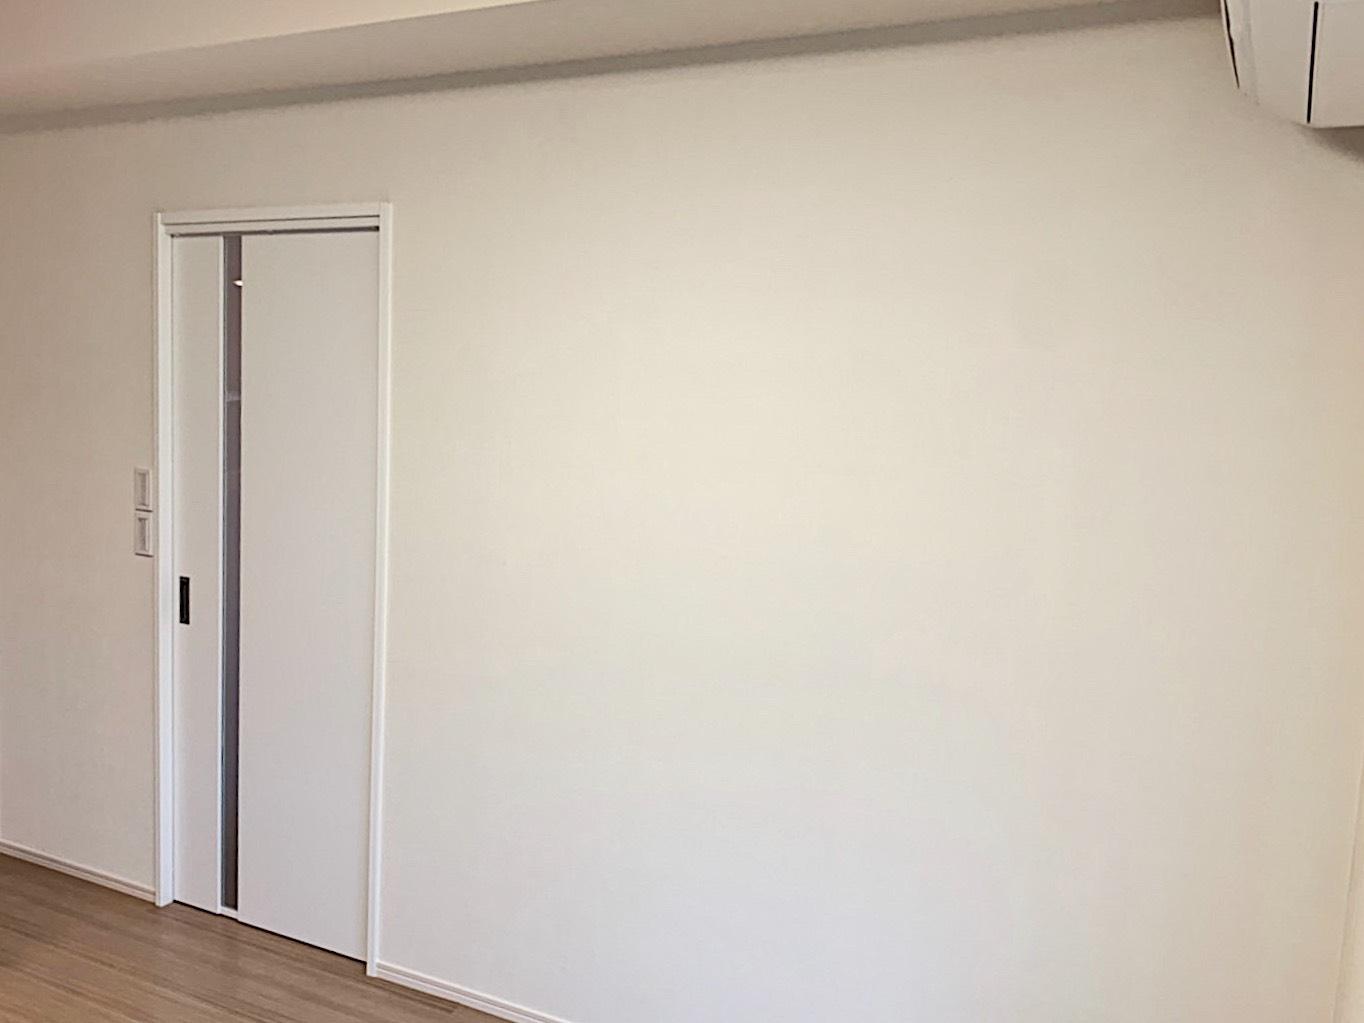 【内装リフォーム】間仕切り壁、建具設置